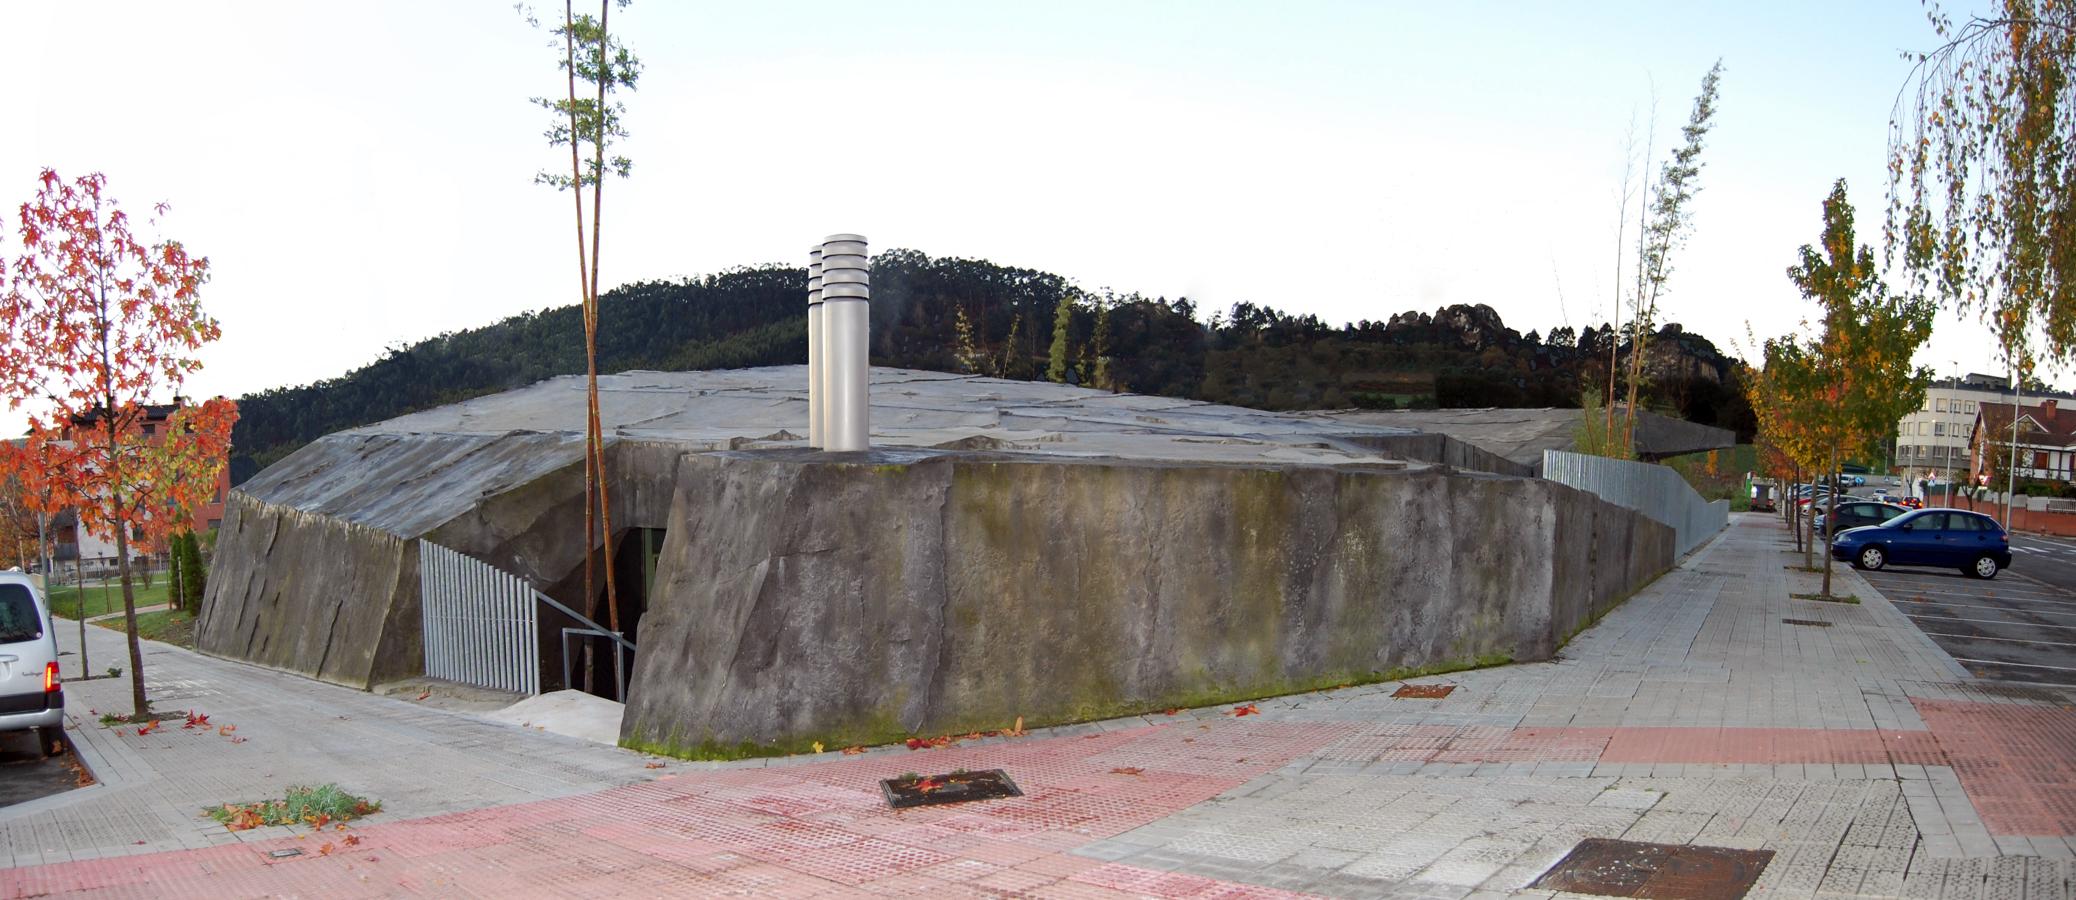 Haurreskola escuela infantil urduliz ideas arquitectos - Casa rural urduliz ...